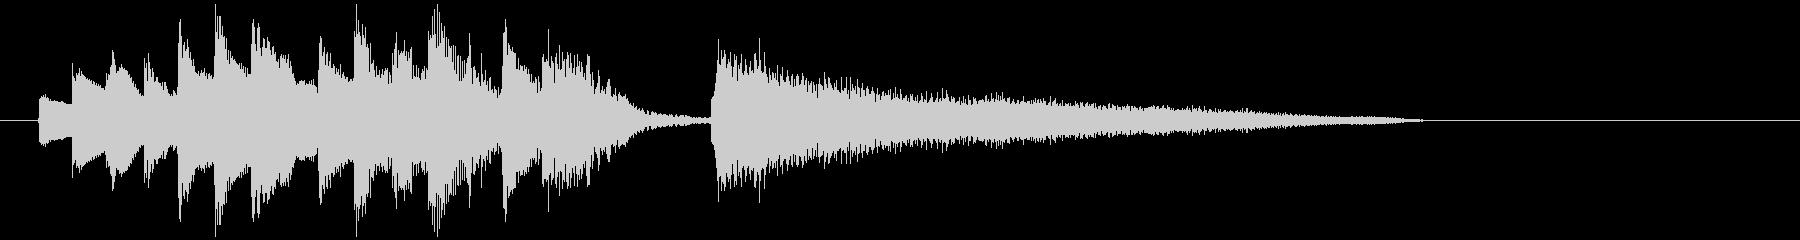 サウンドロゴ・ジングル(ピアノとエレピ)の未再生の波形